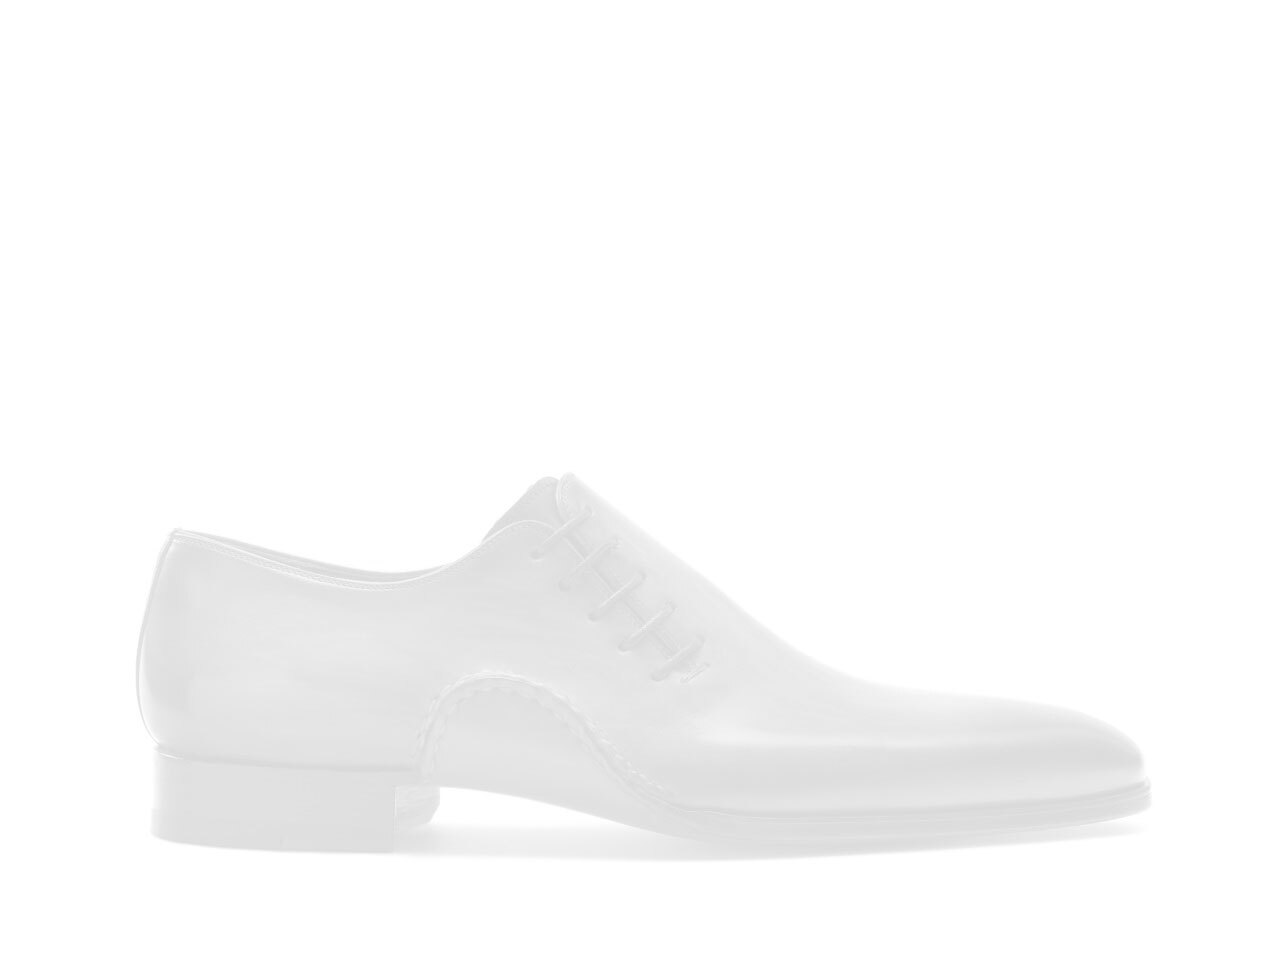 Essential Shoe Care Kit | Cognac / Cuero